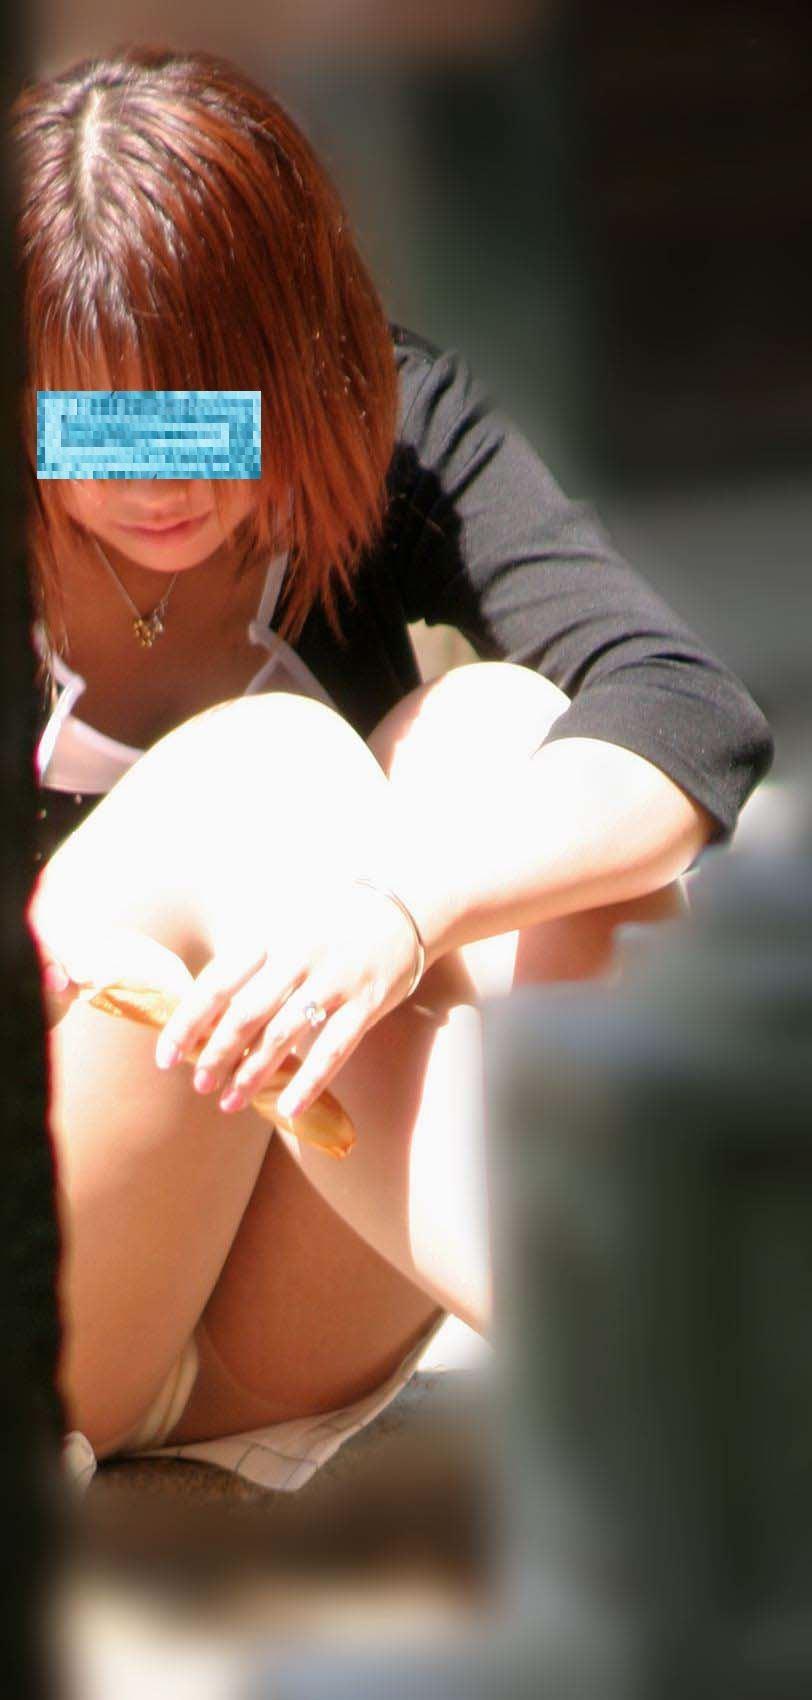 【パンチラエロ画像】地べた女子多数w花見のシーズンに期待の座りチラ女子www 02